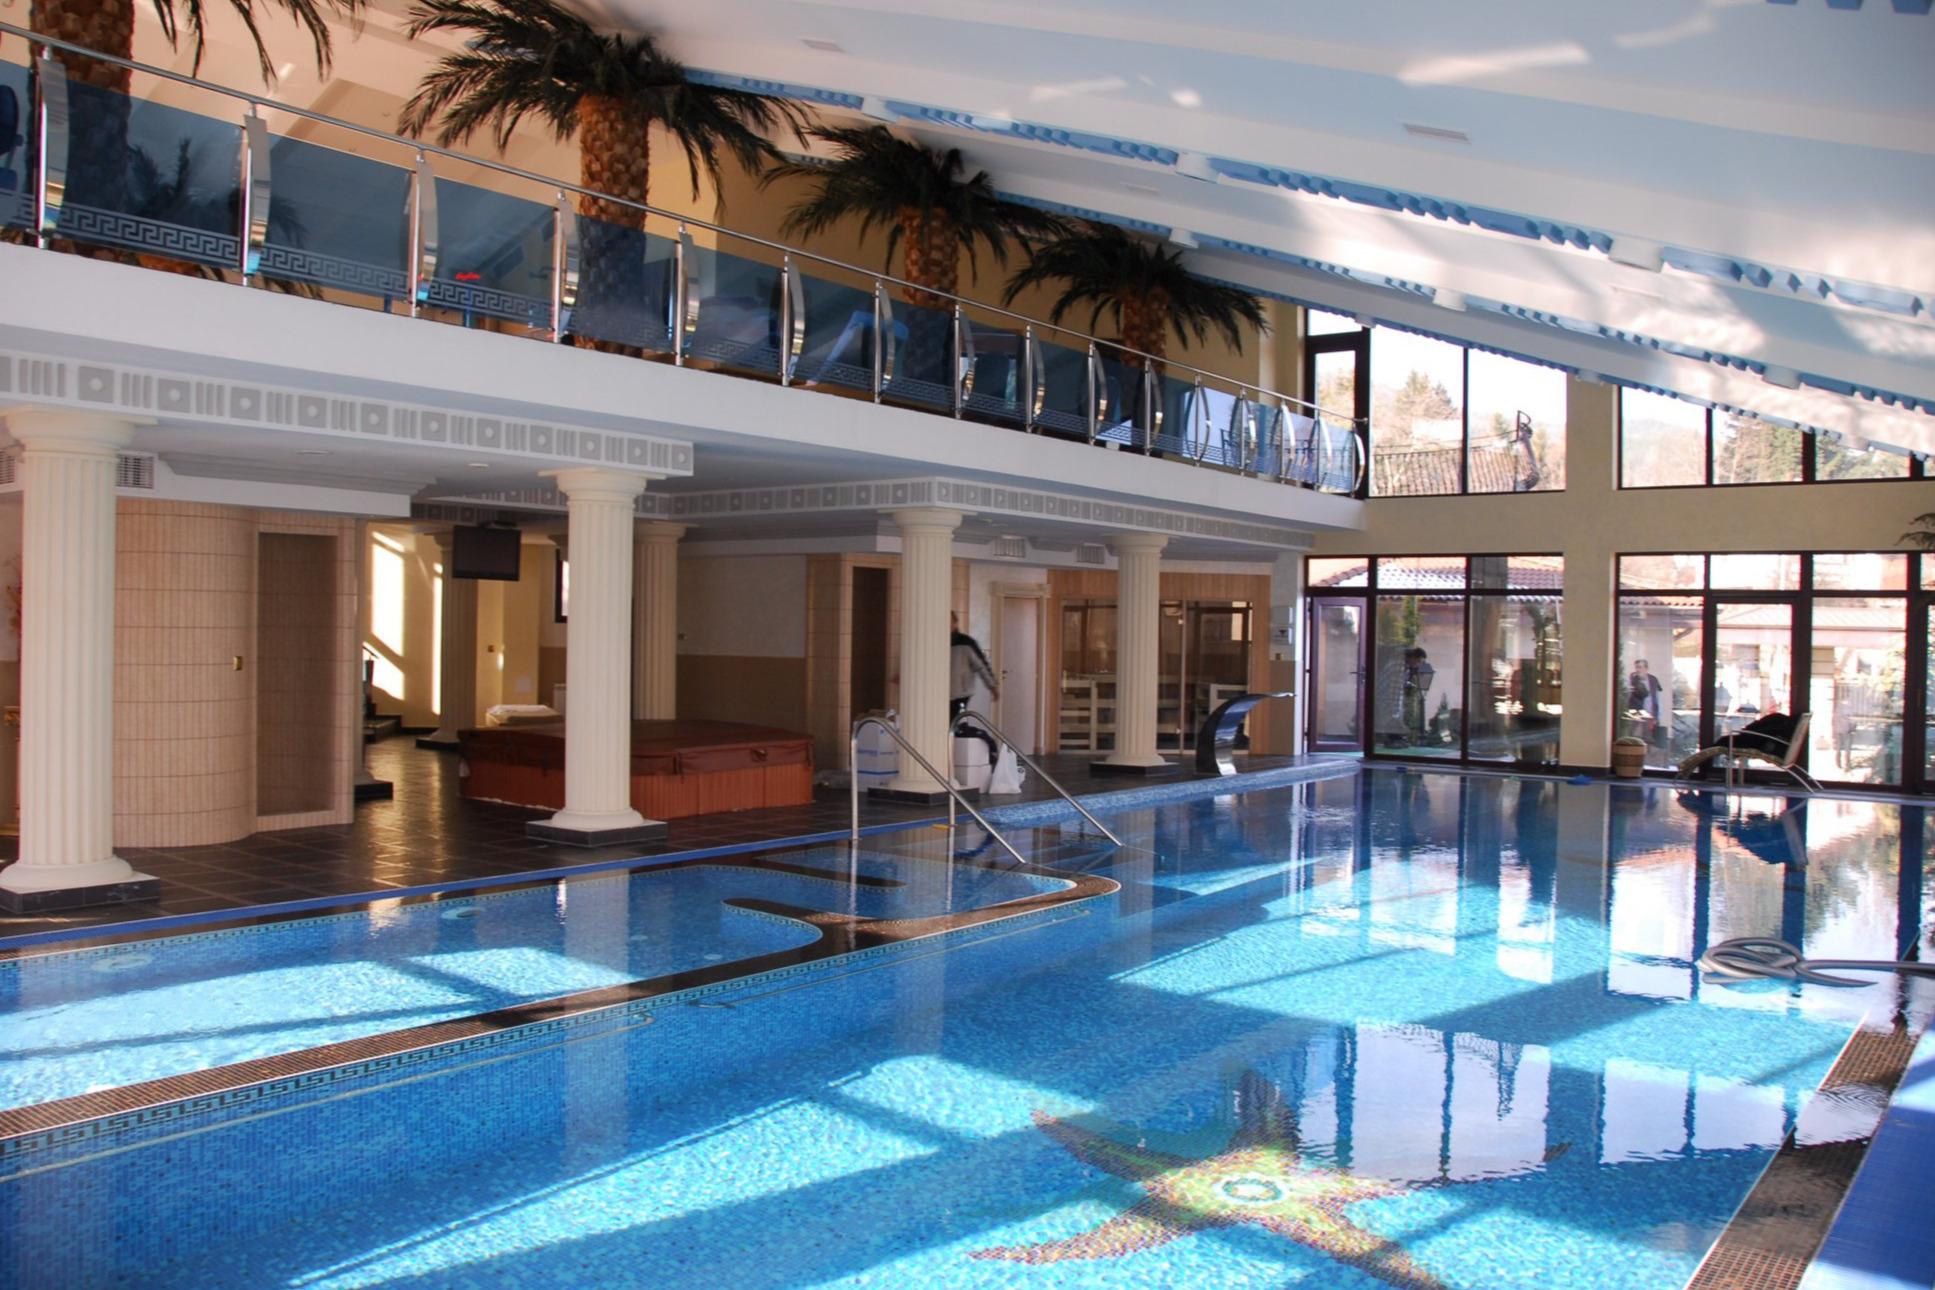 SPA център и басейн - еднофамилна резиденция